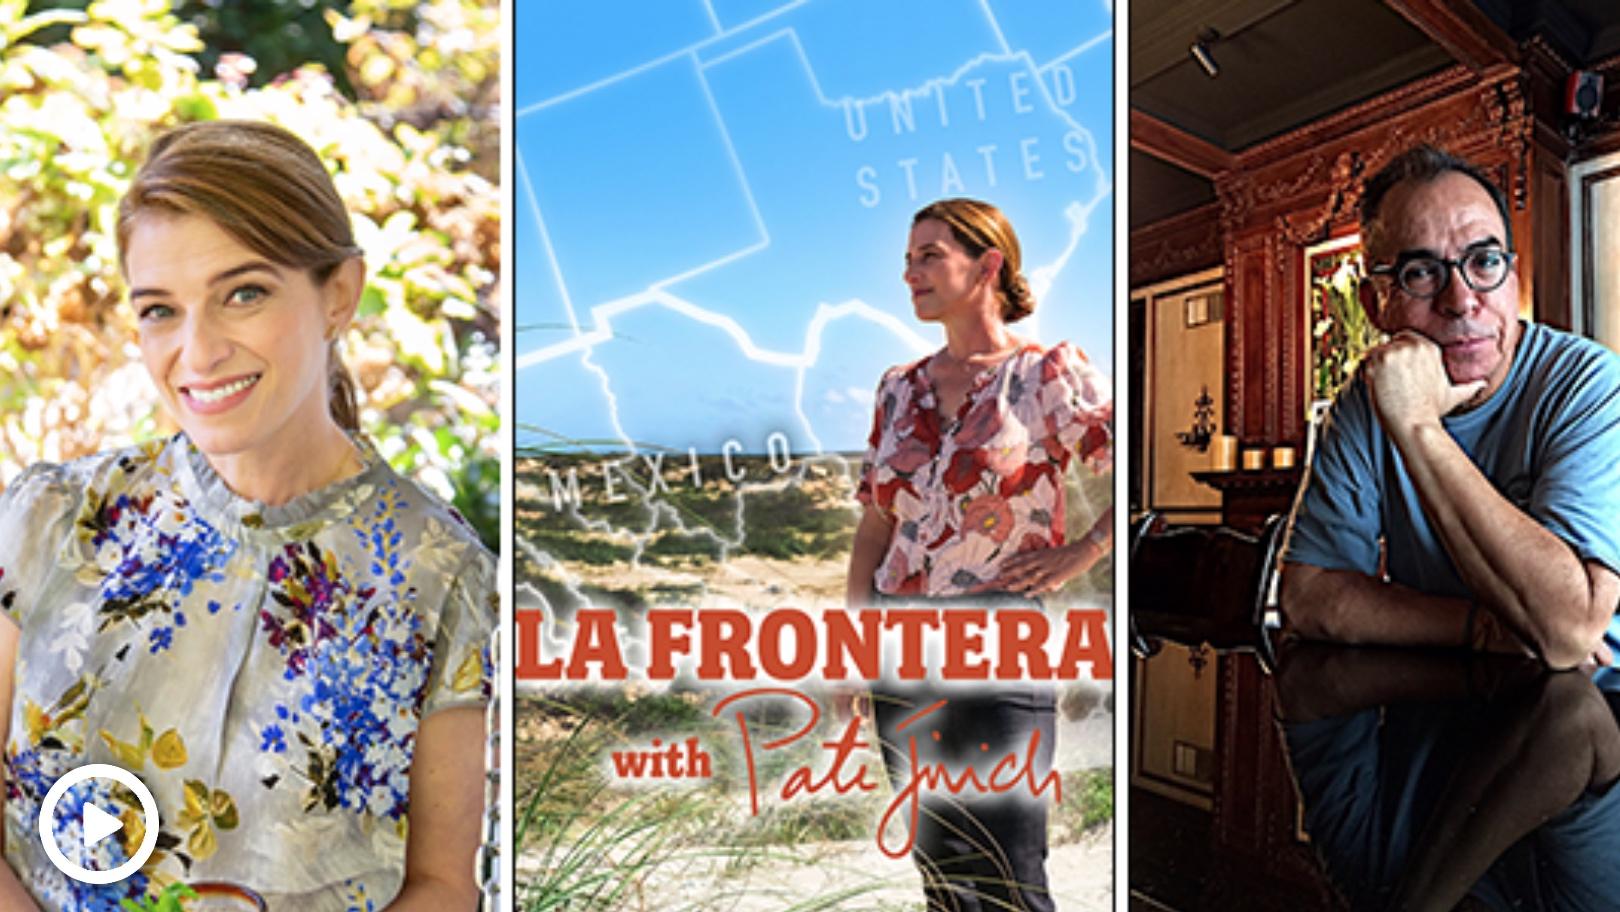 JxJ La Frontera Screening